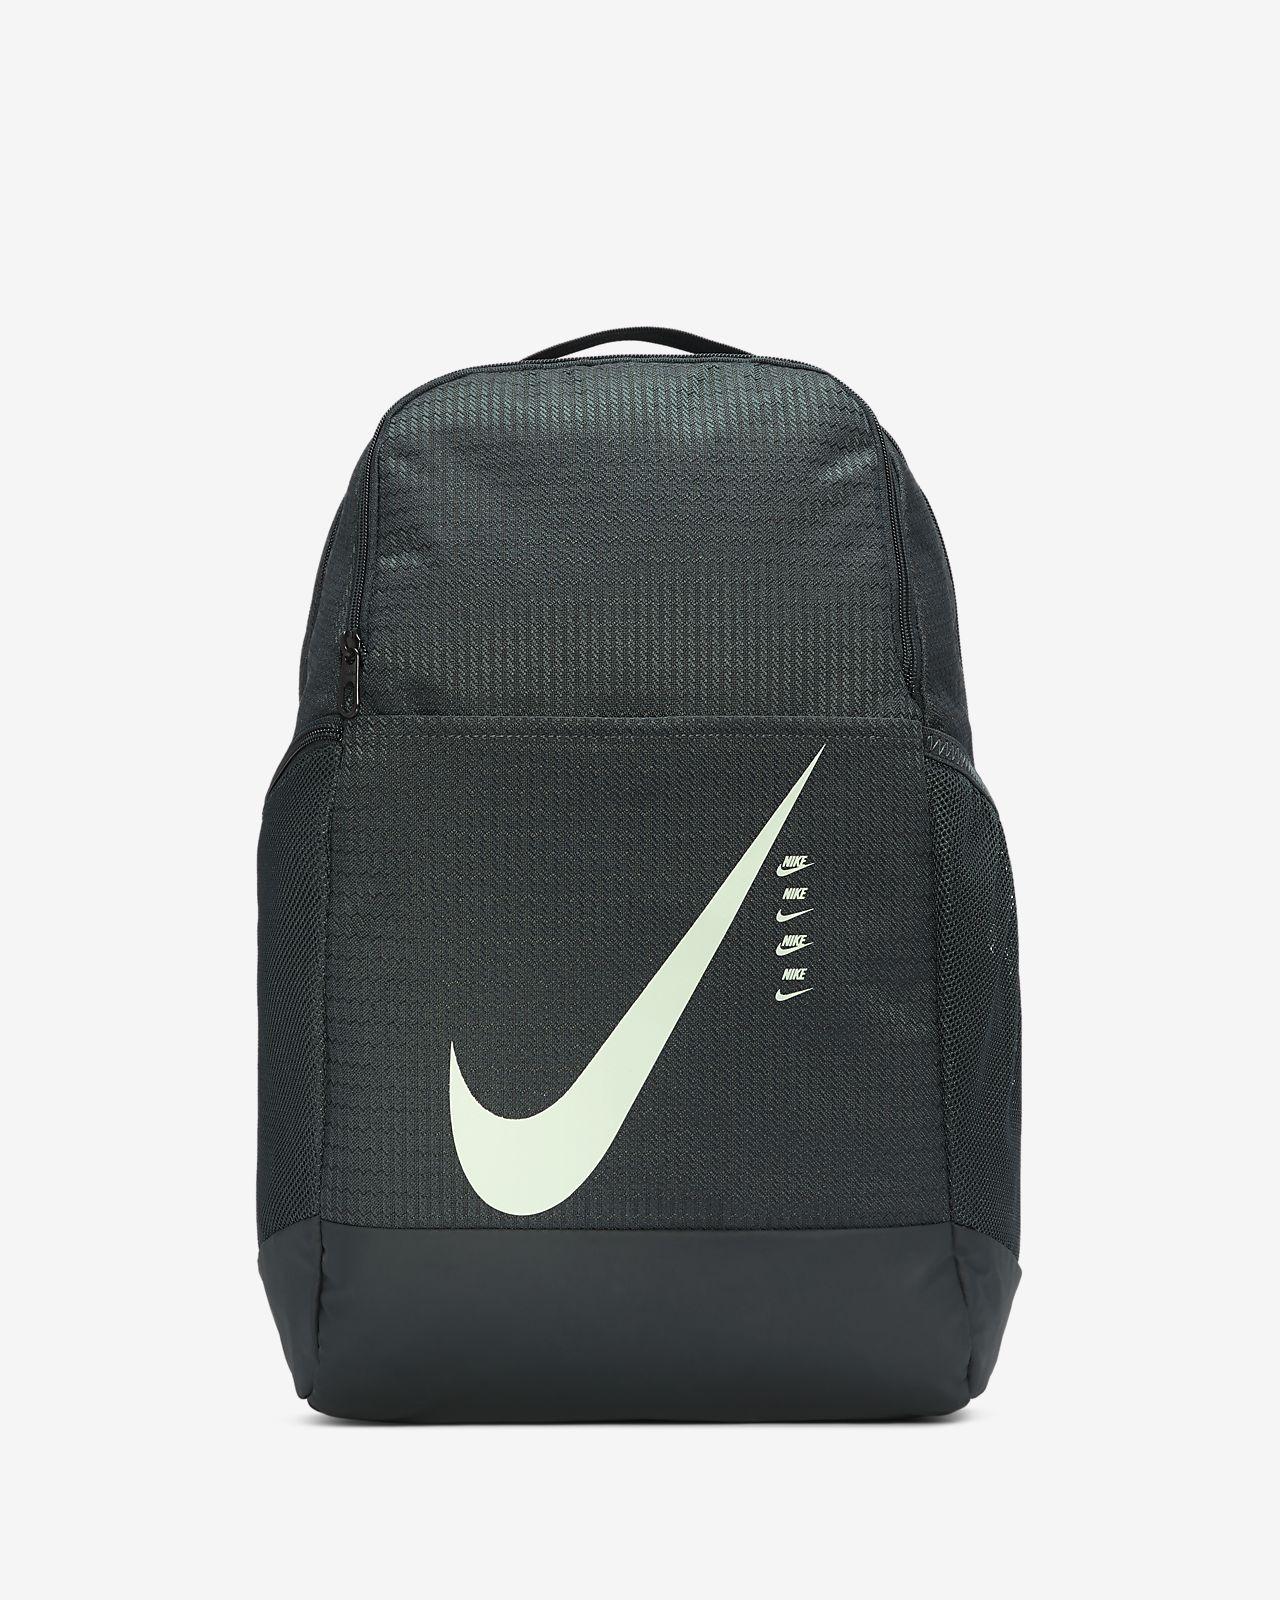 Träningsryggsäck Nike Brasilia 9.0 (Medium)